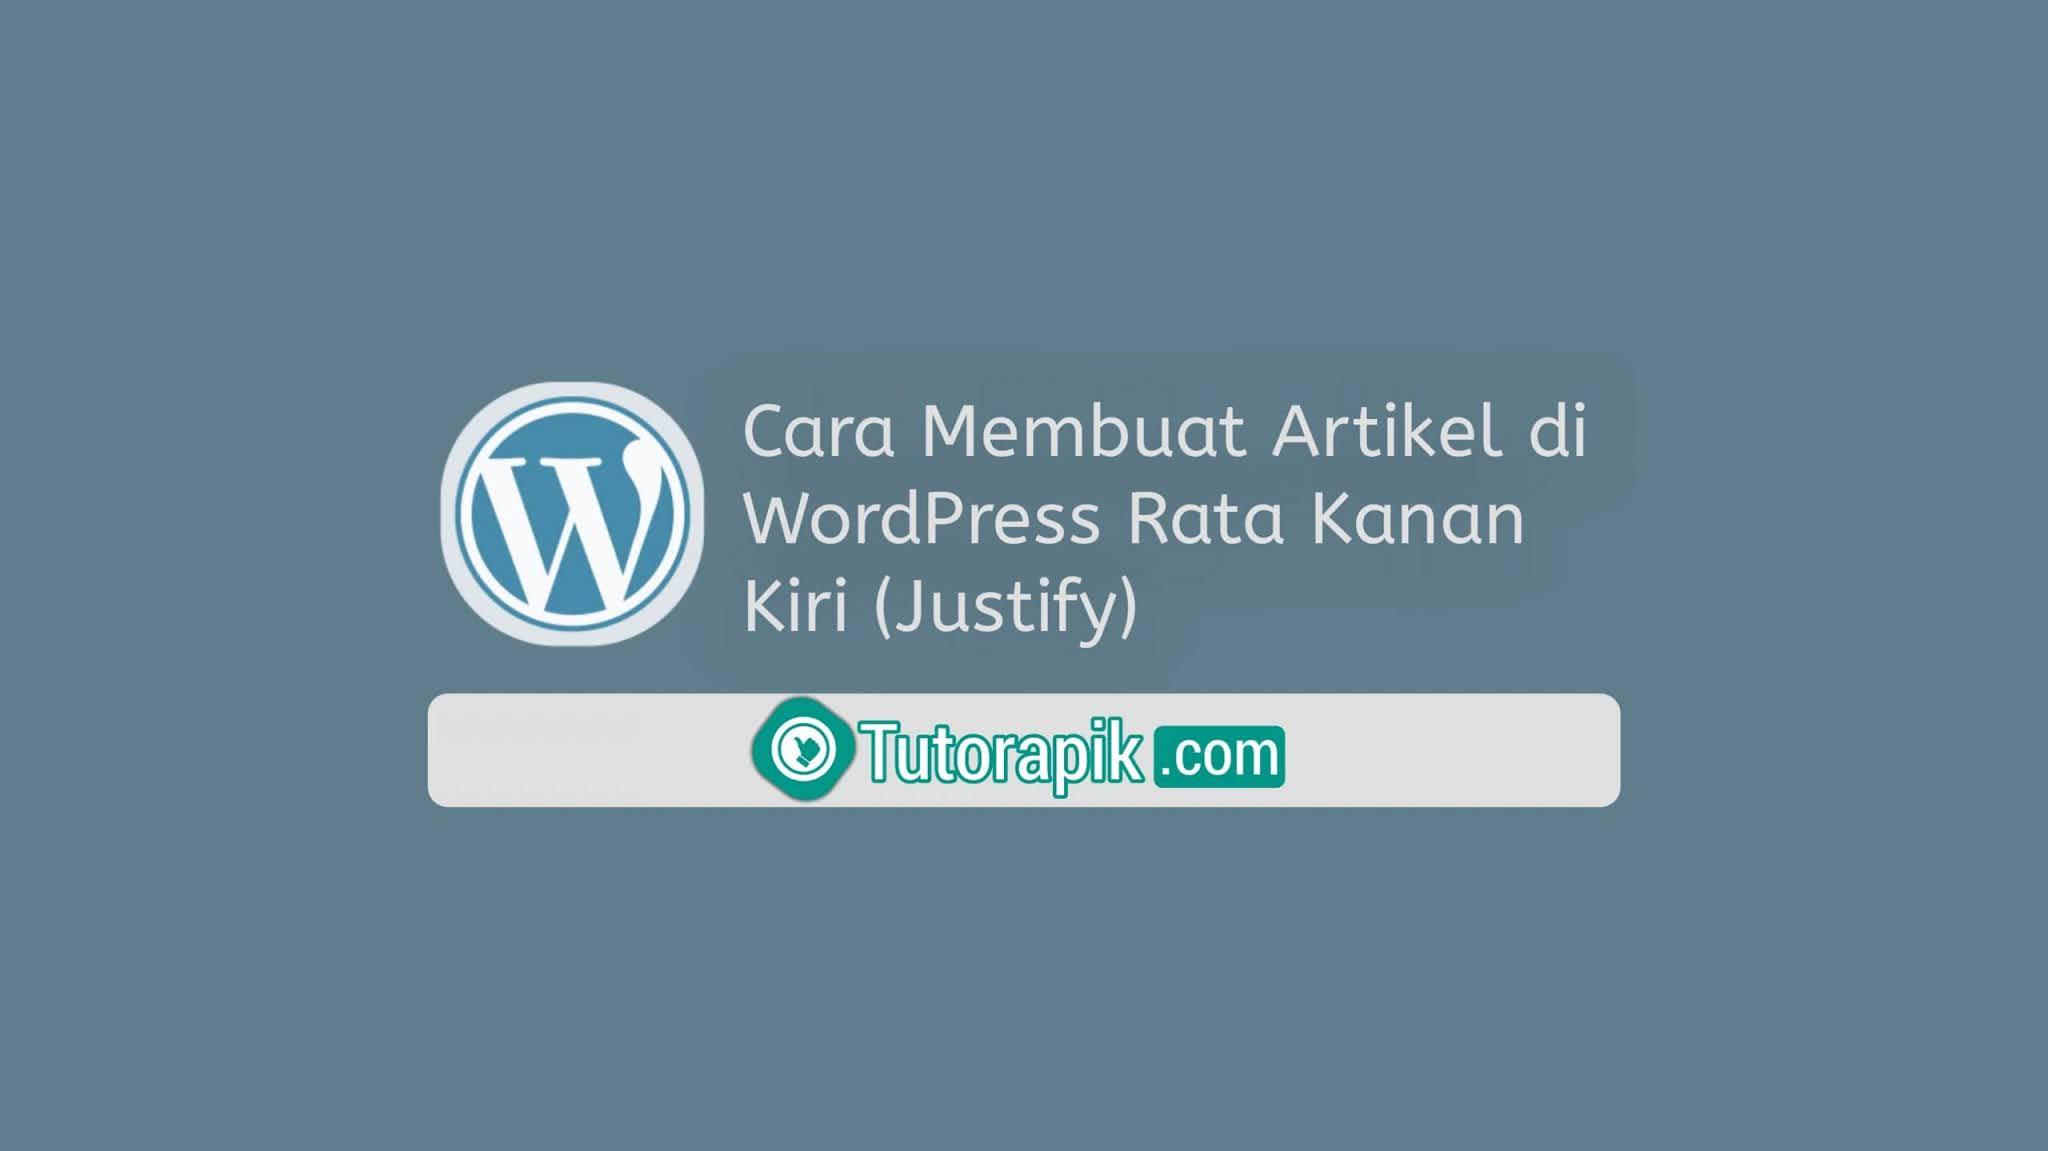 Cara Membuat Artikel di WordPress Rata Kanan-Kiri (justify)